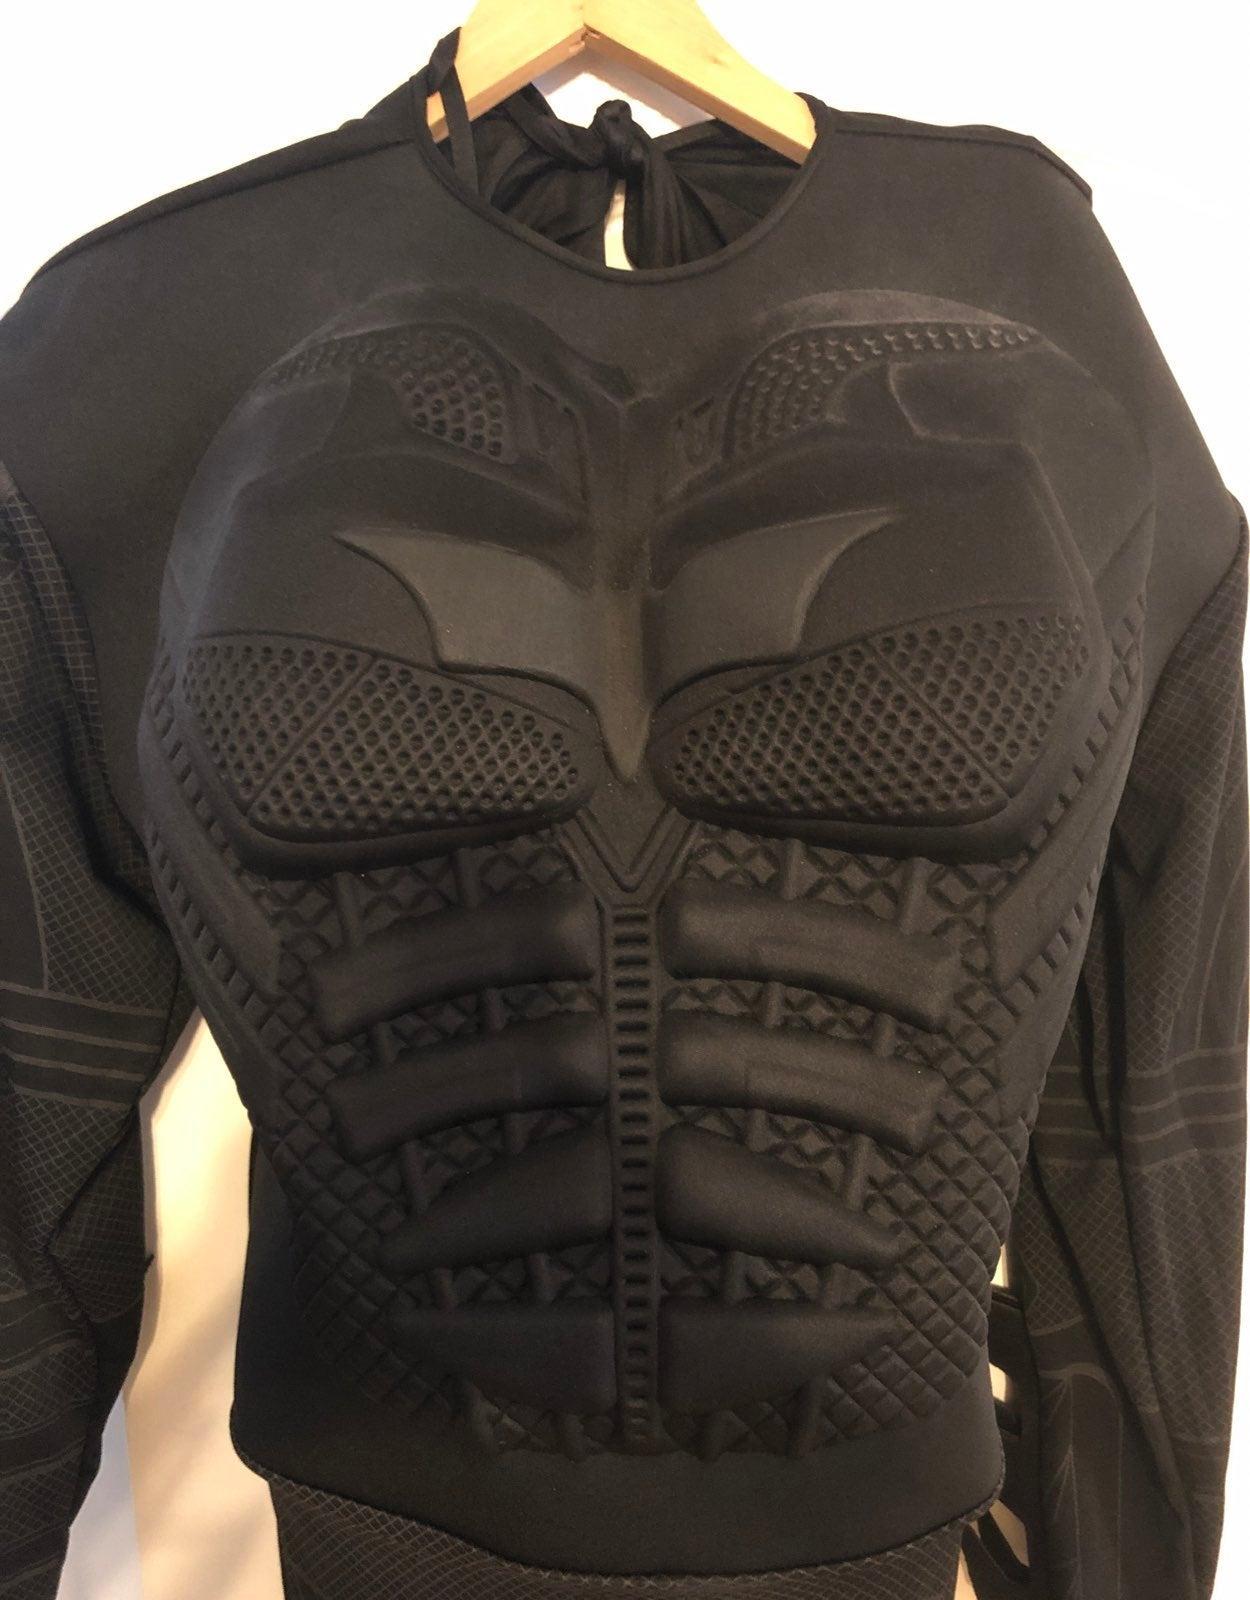 New Adult Batman Costume